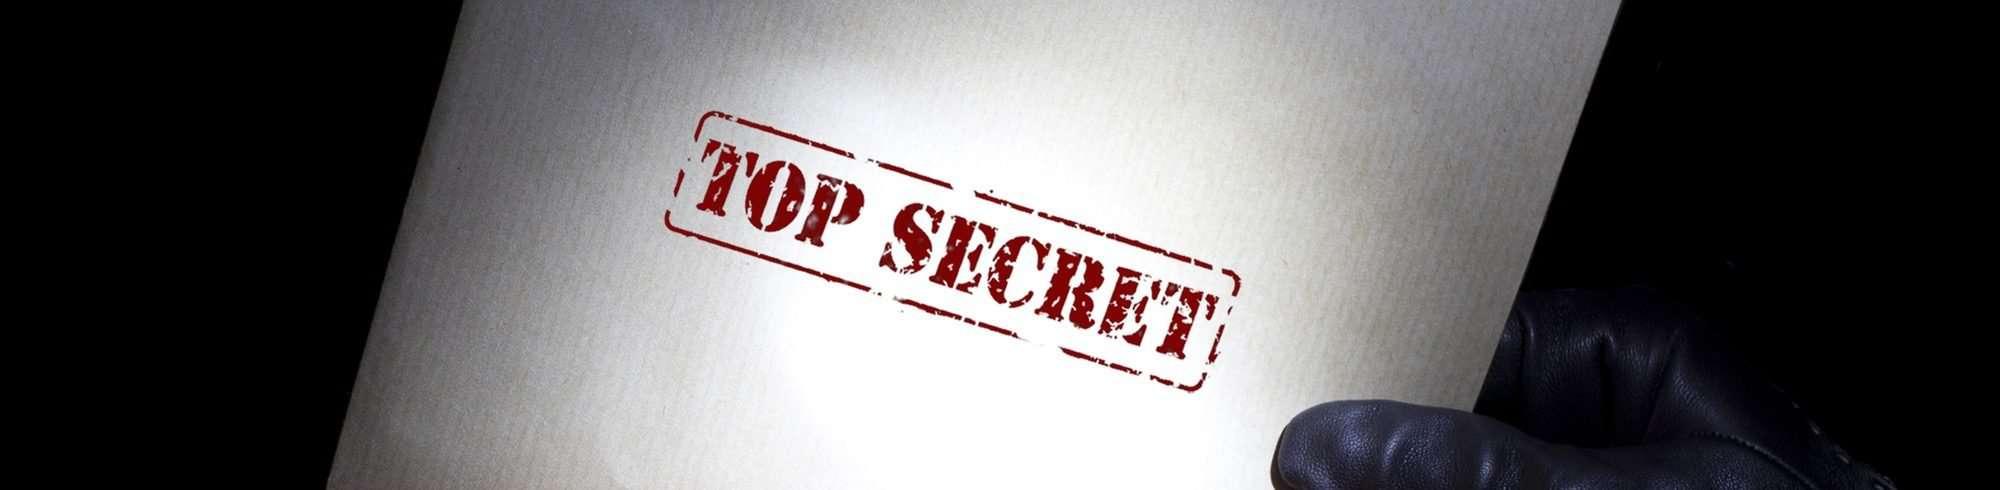 Secretos del ecommerce rentable